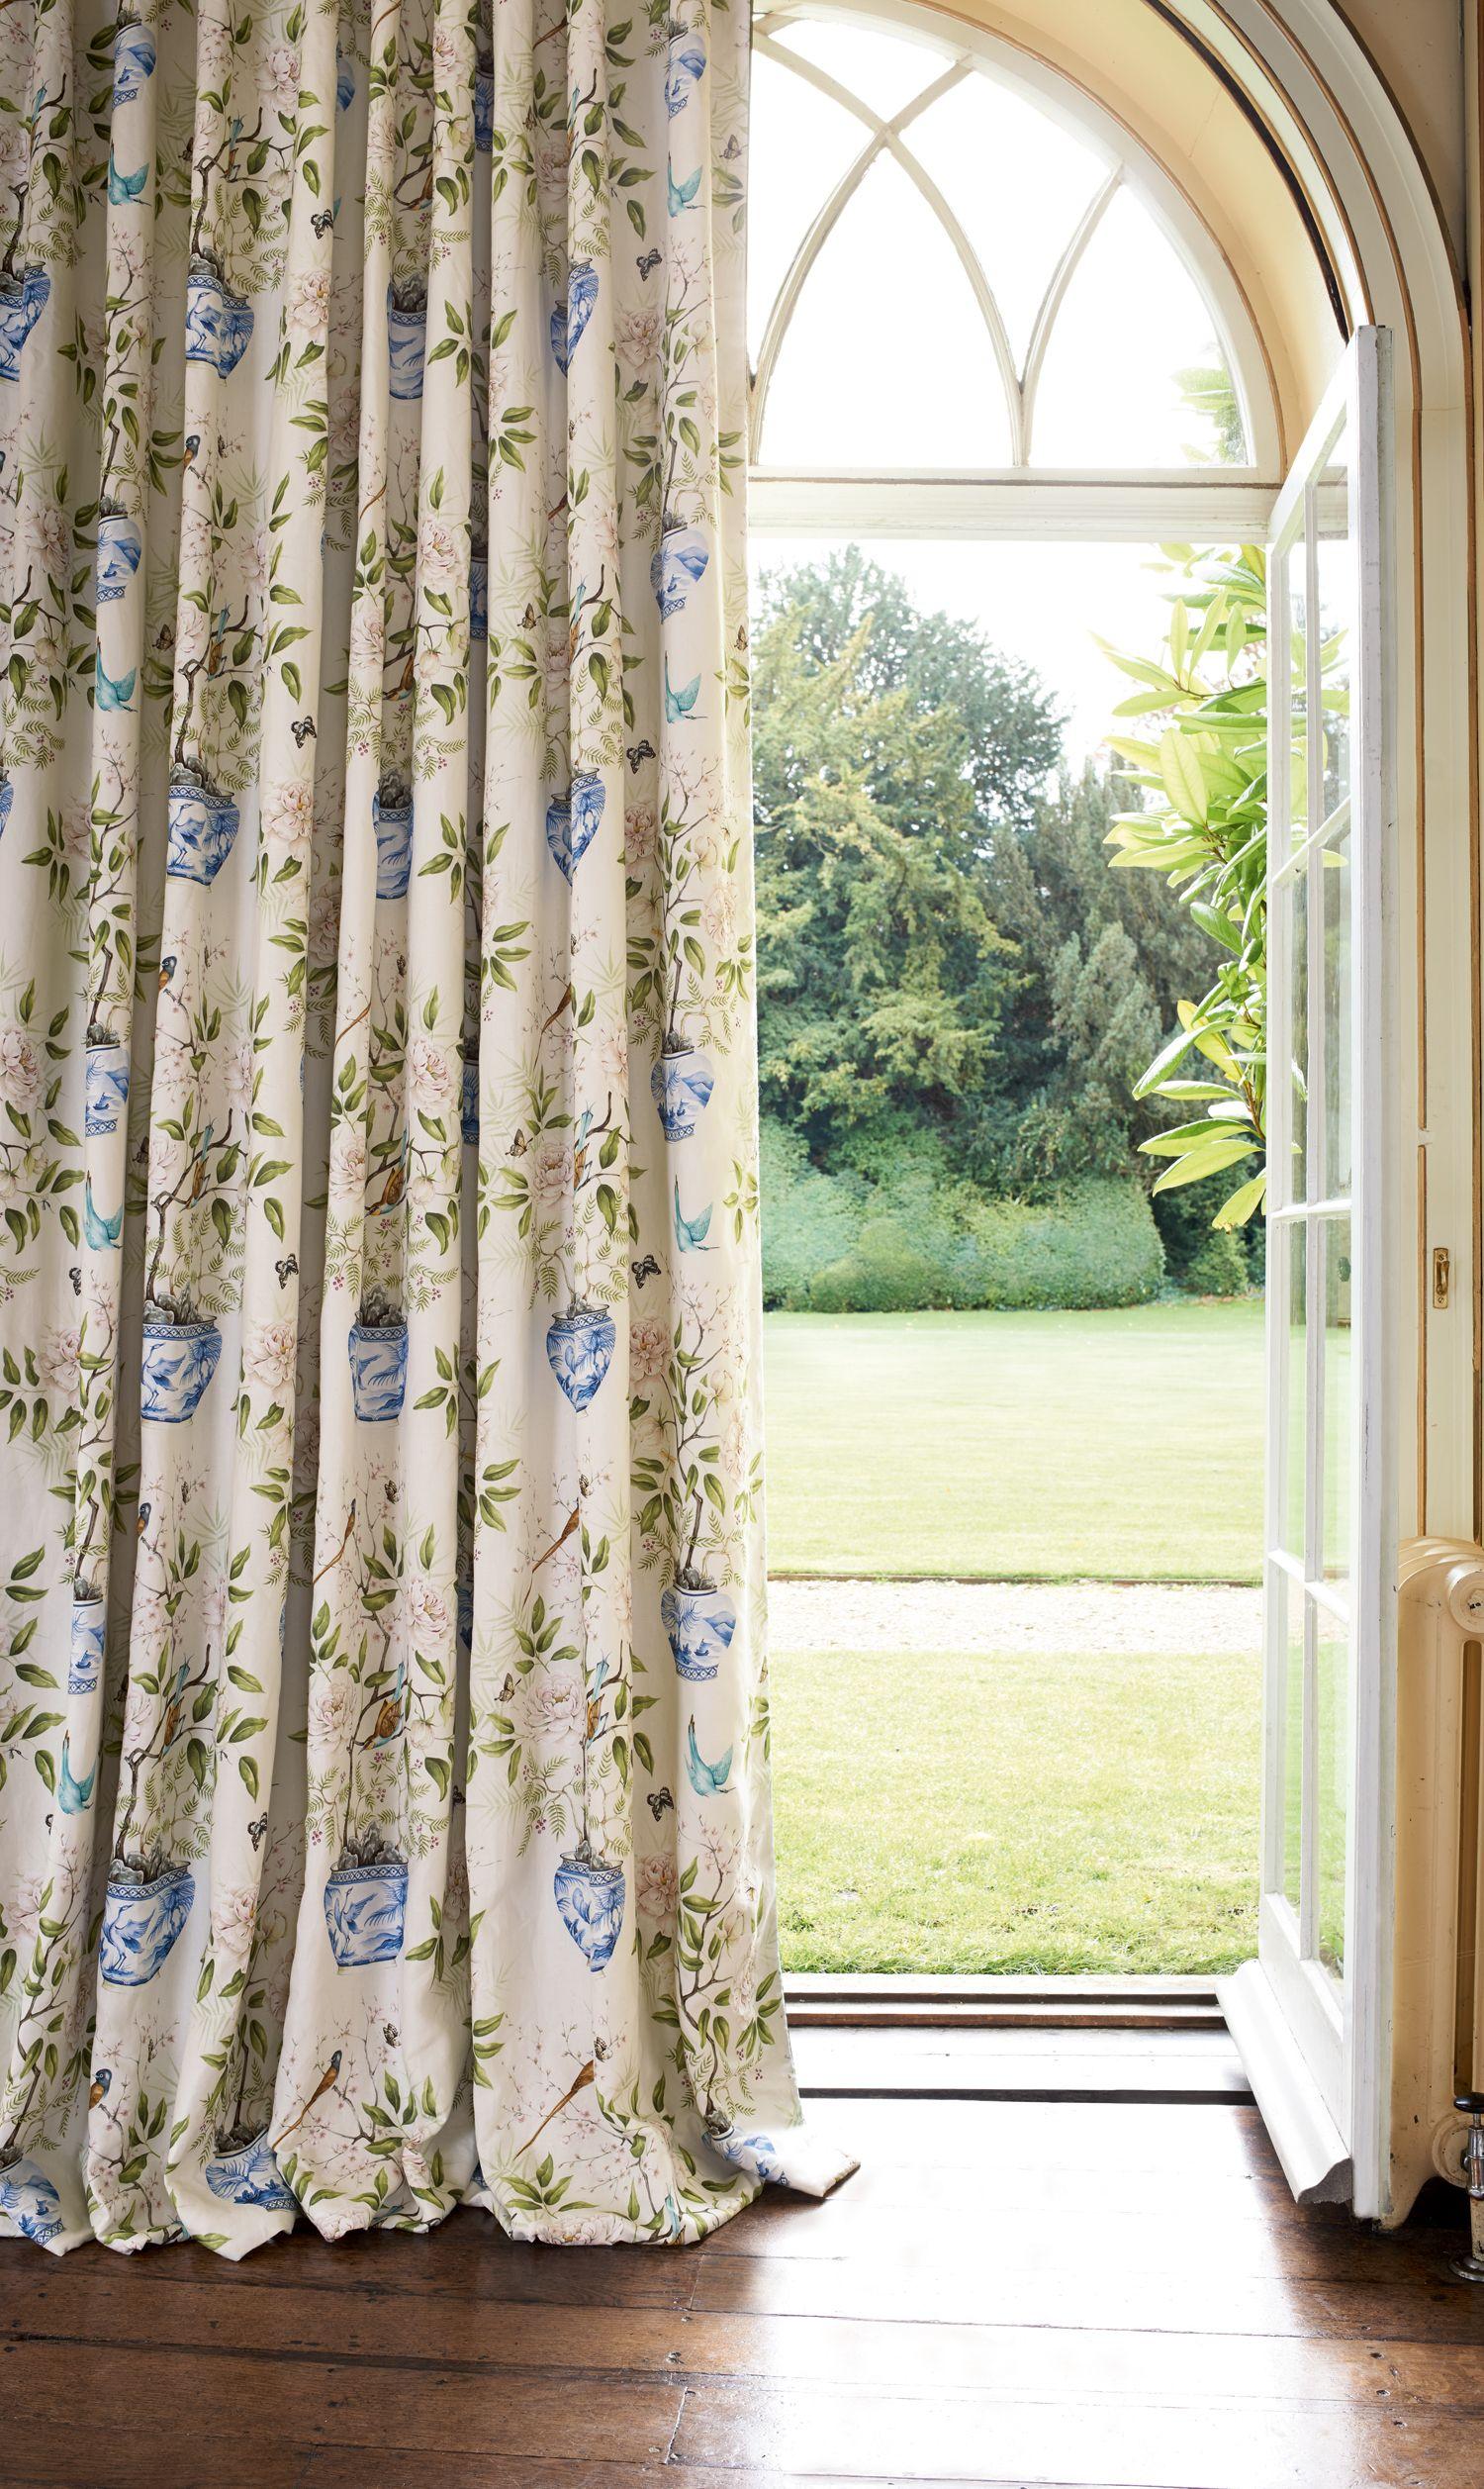 Curtains Romey's Garden 321442 Curtains, Curtains with